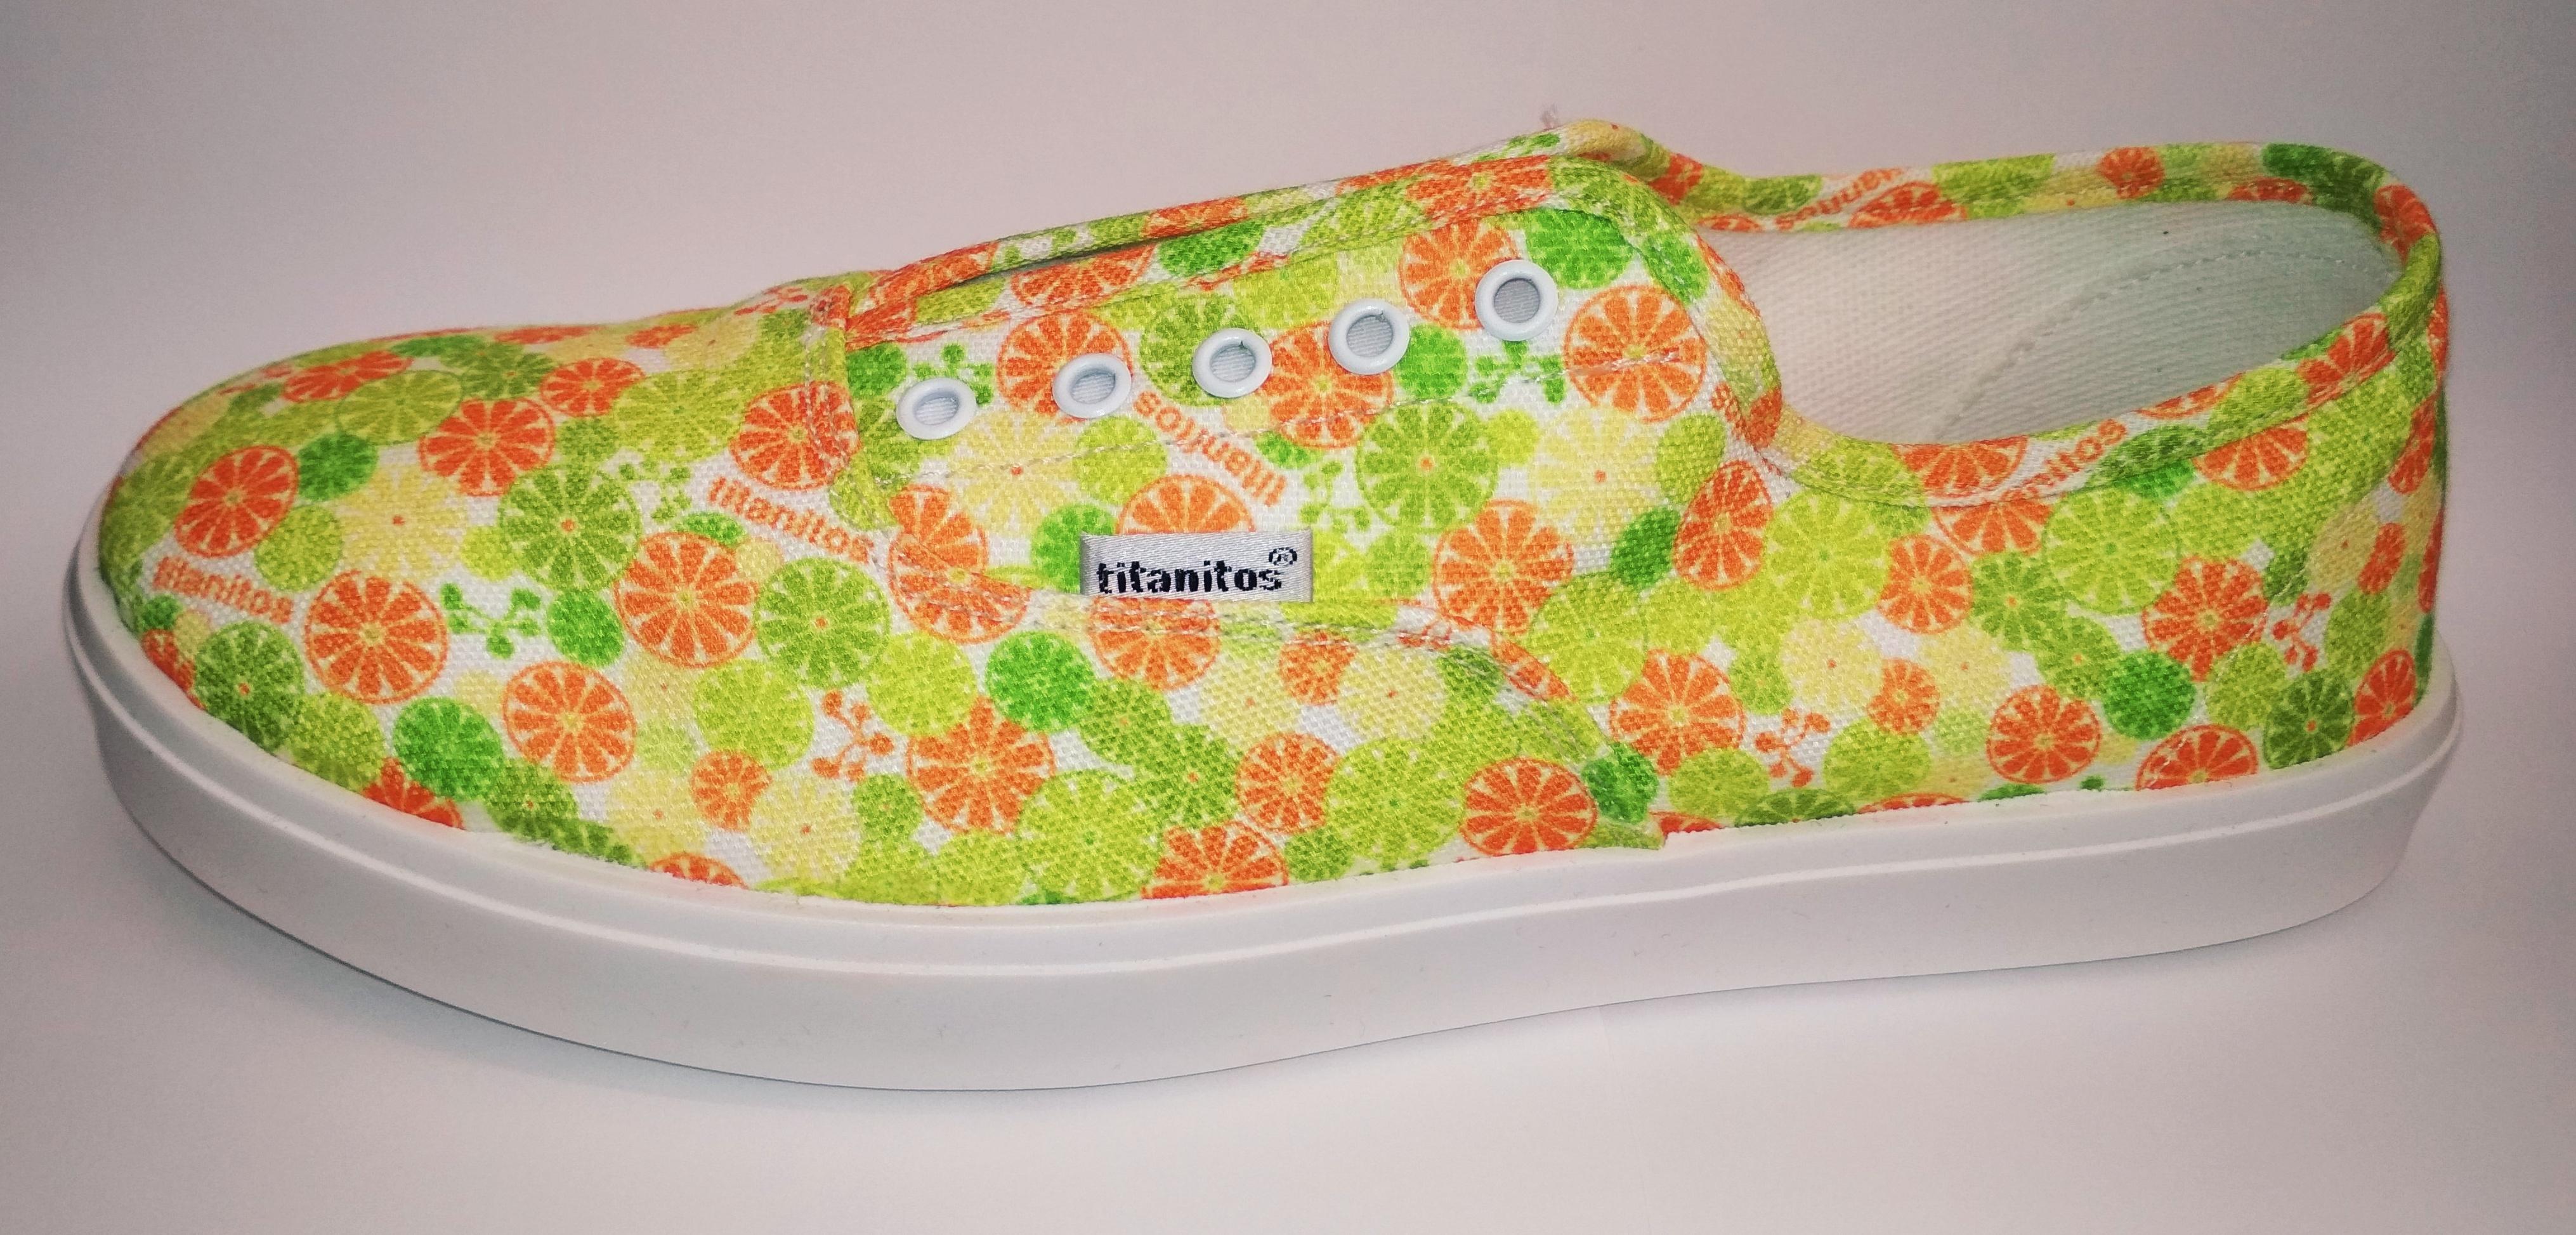 Titanitos belebújós cipő - T710HI1 Comb. 1 - Vászoncipő eec6153ff4